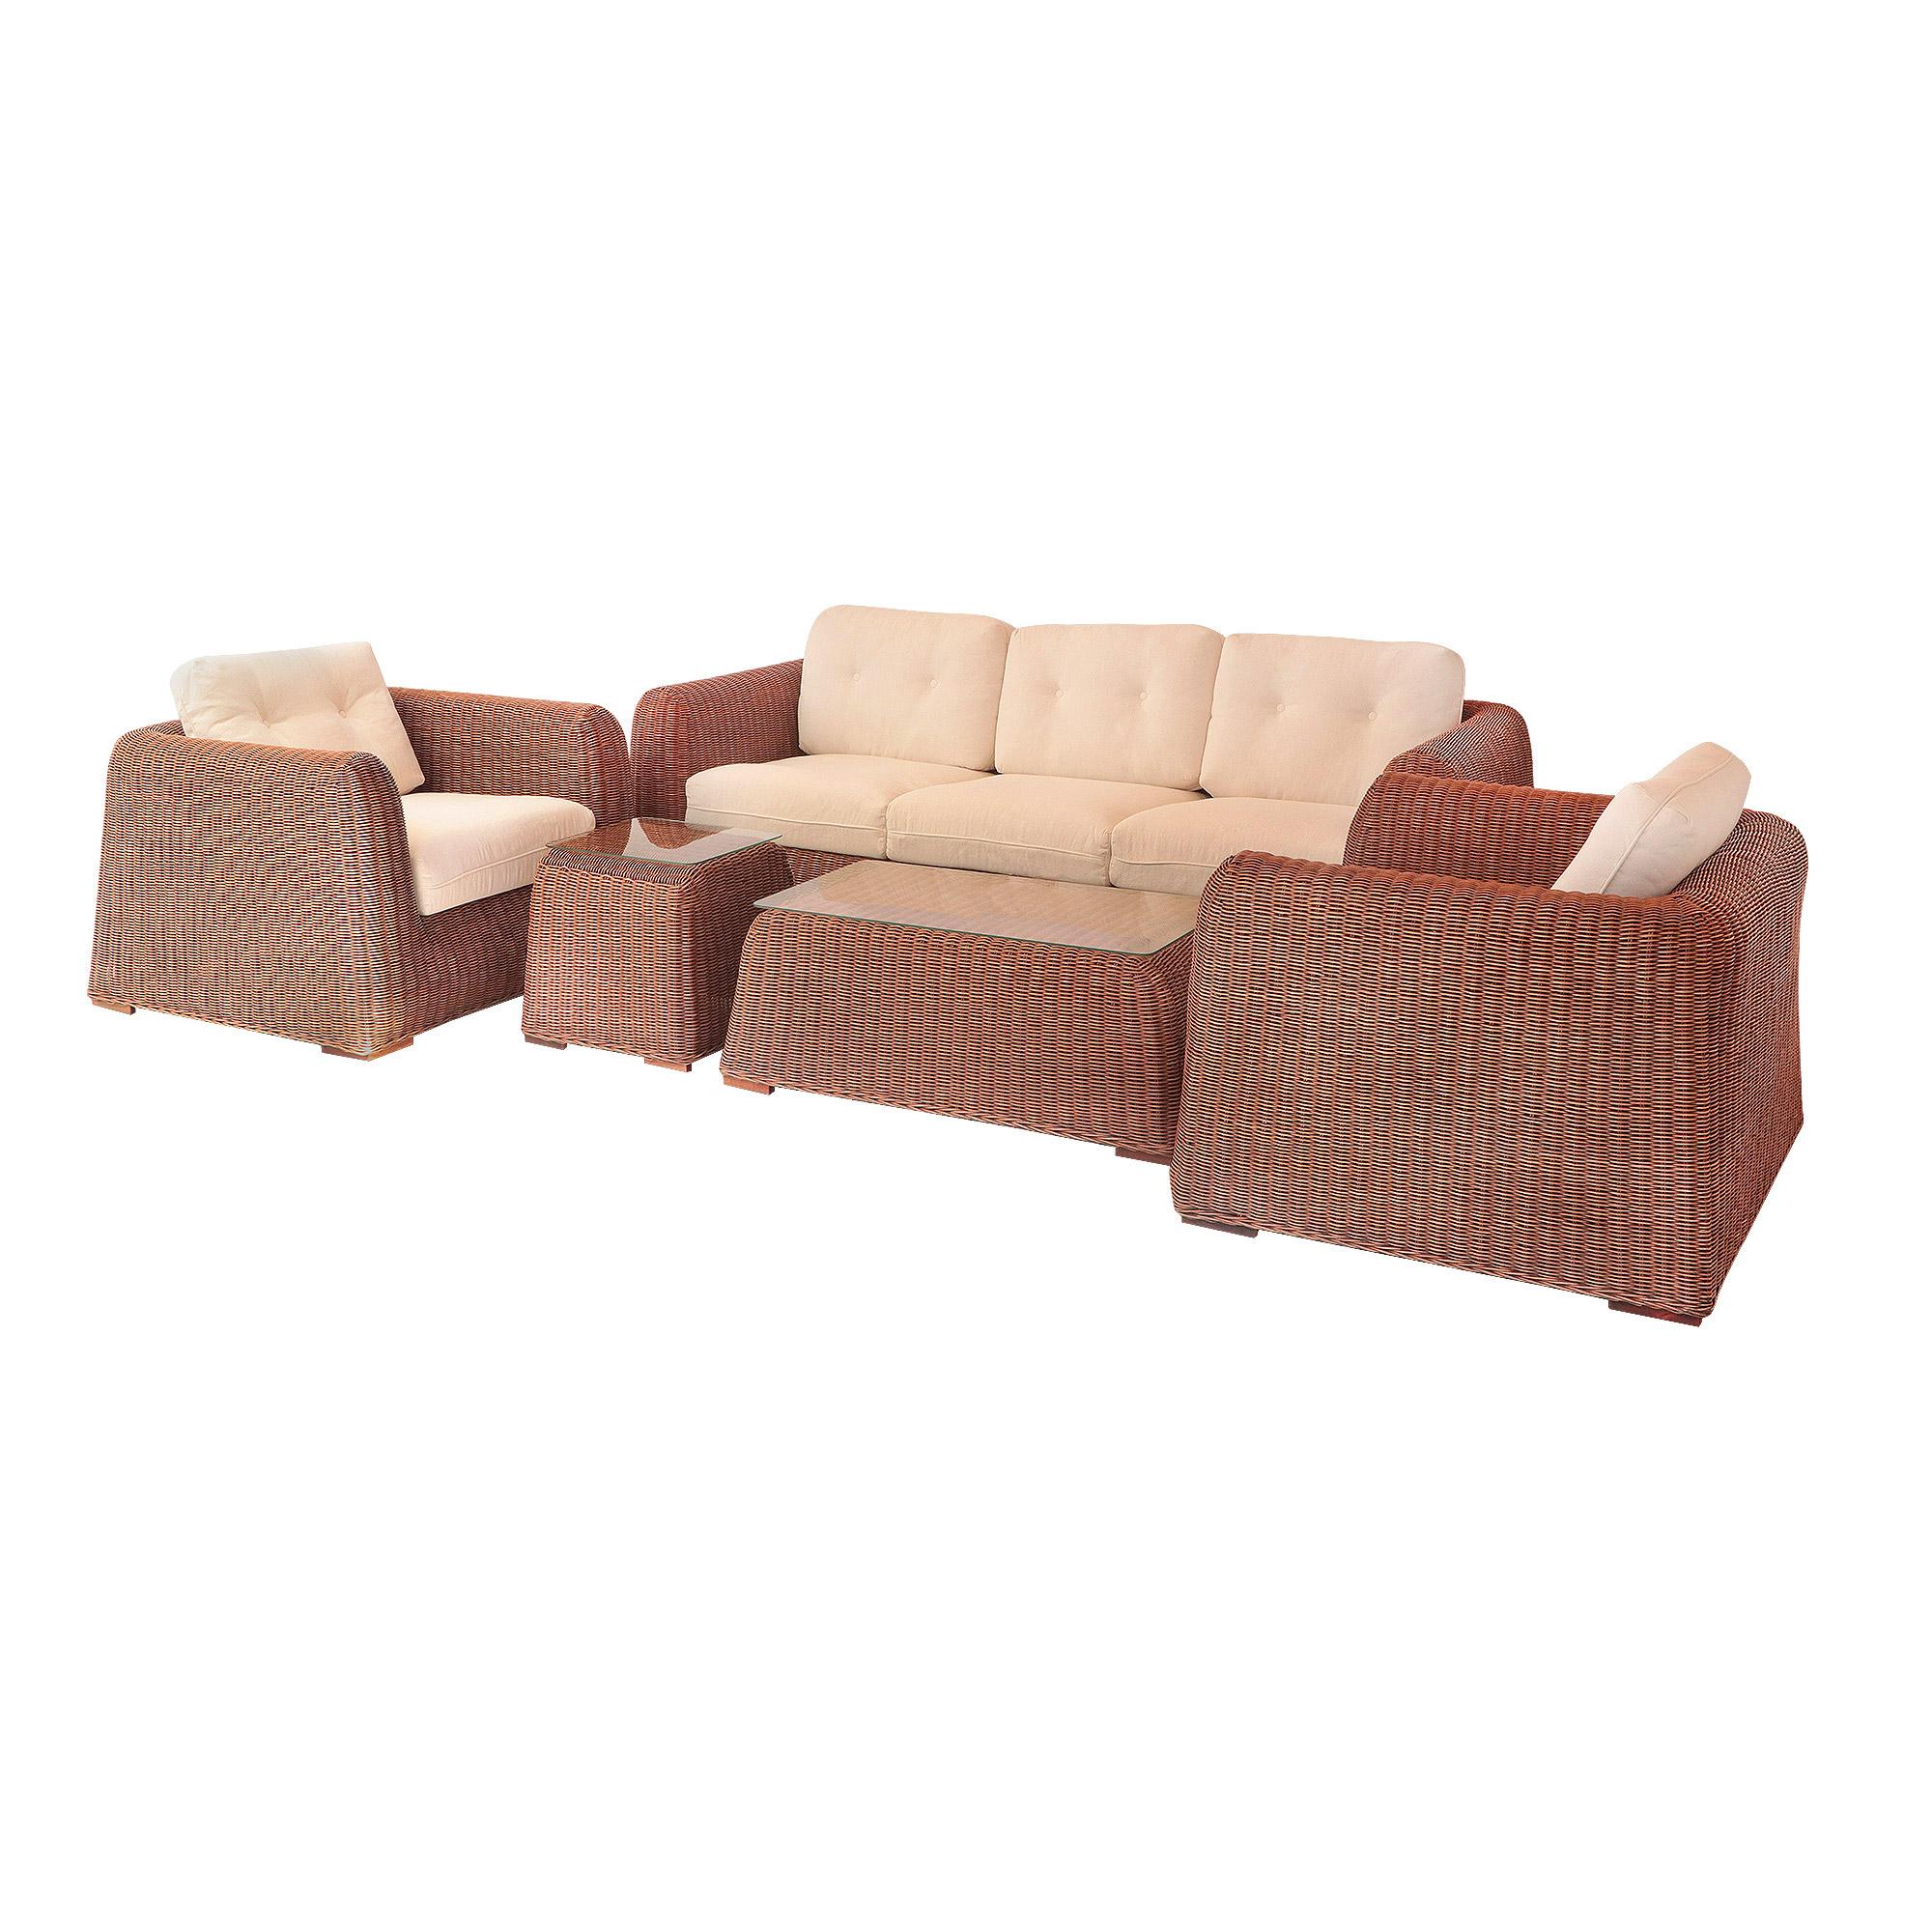 комплект мебели Joenfa Toronta 5 предметов 1001410013